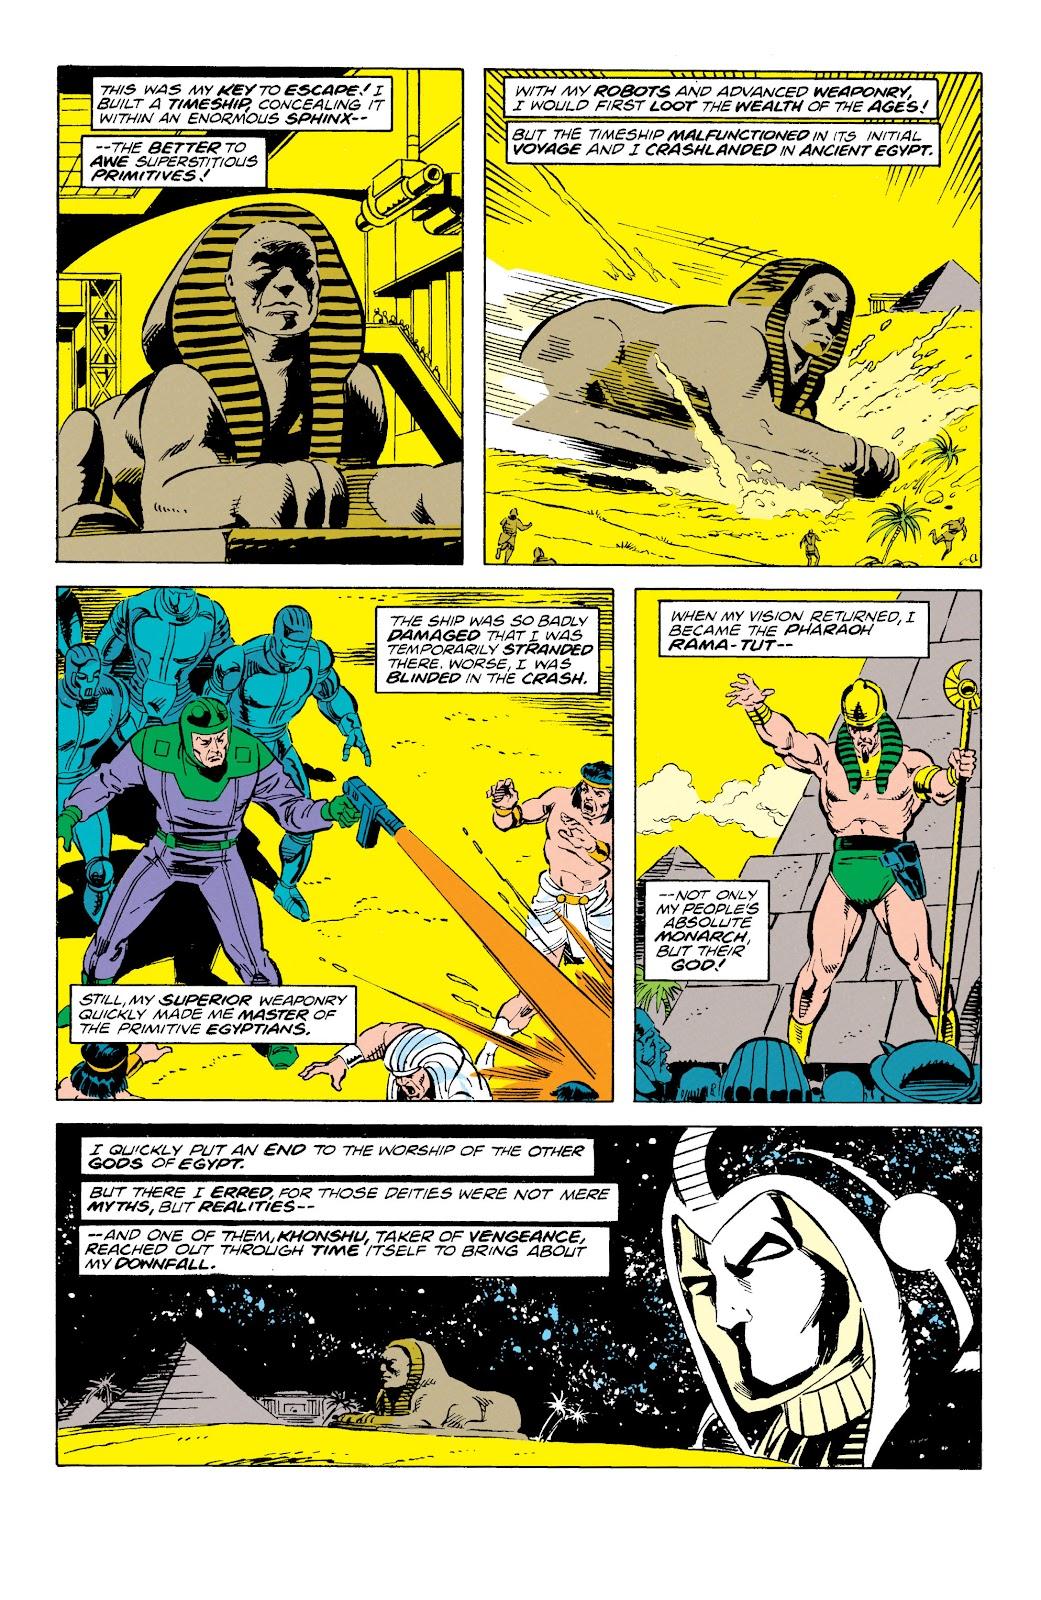 Read online Avengers: Citizen Kang comic -  Issue # TPB (Part 1) - 51